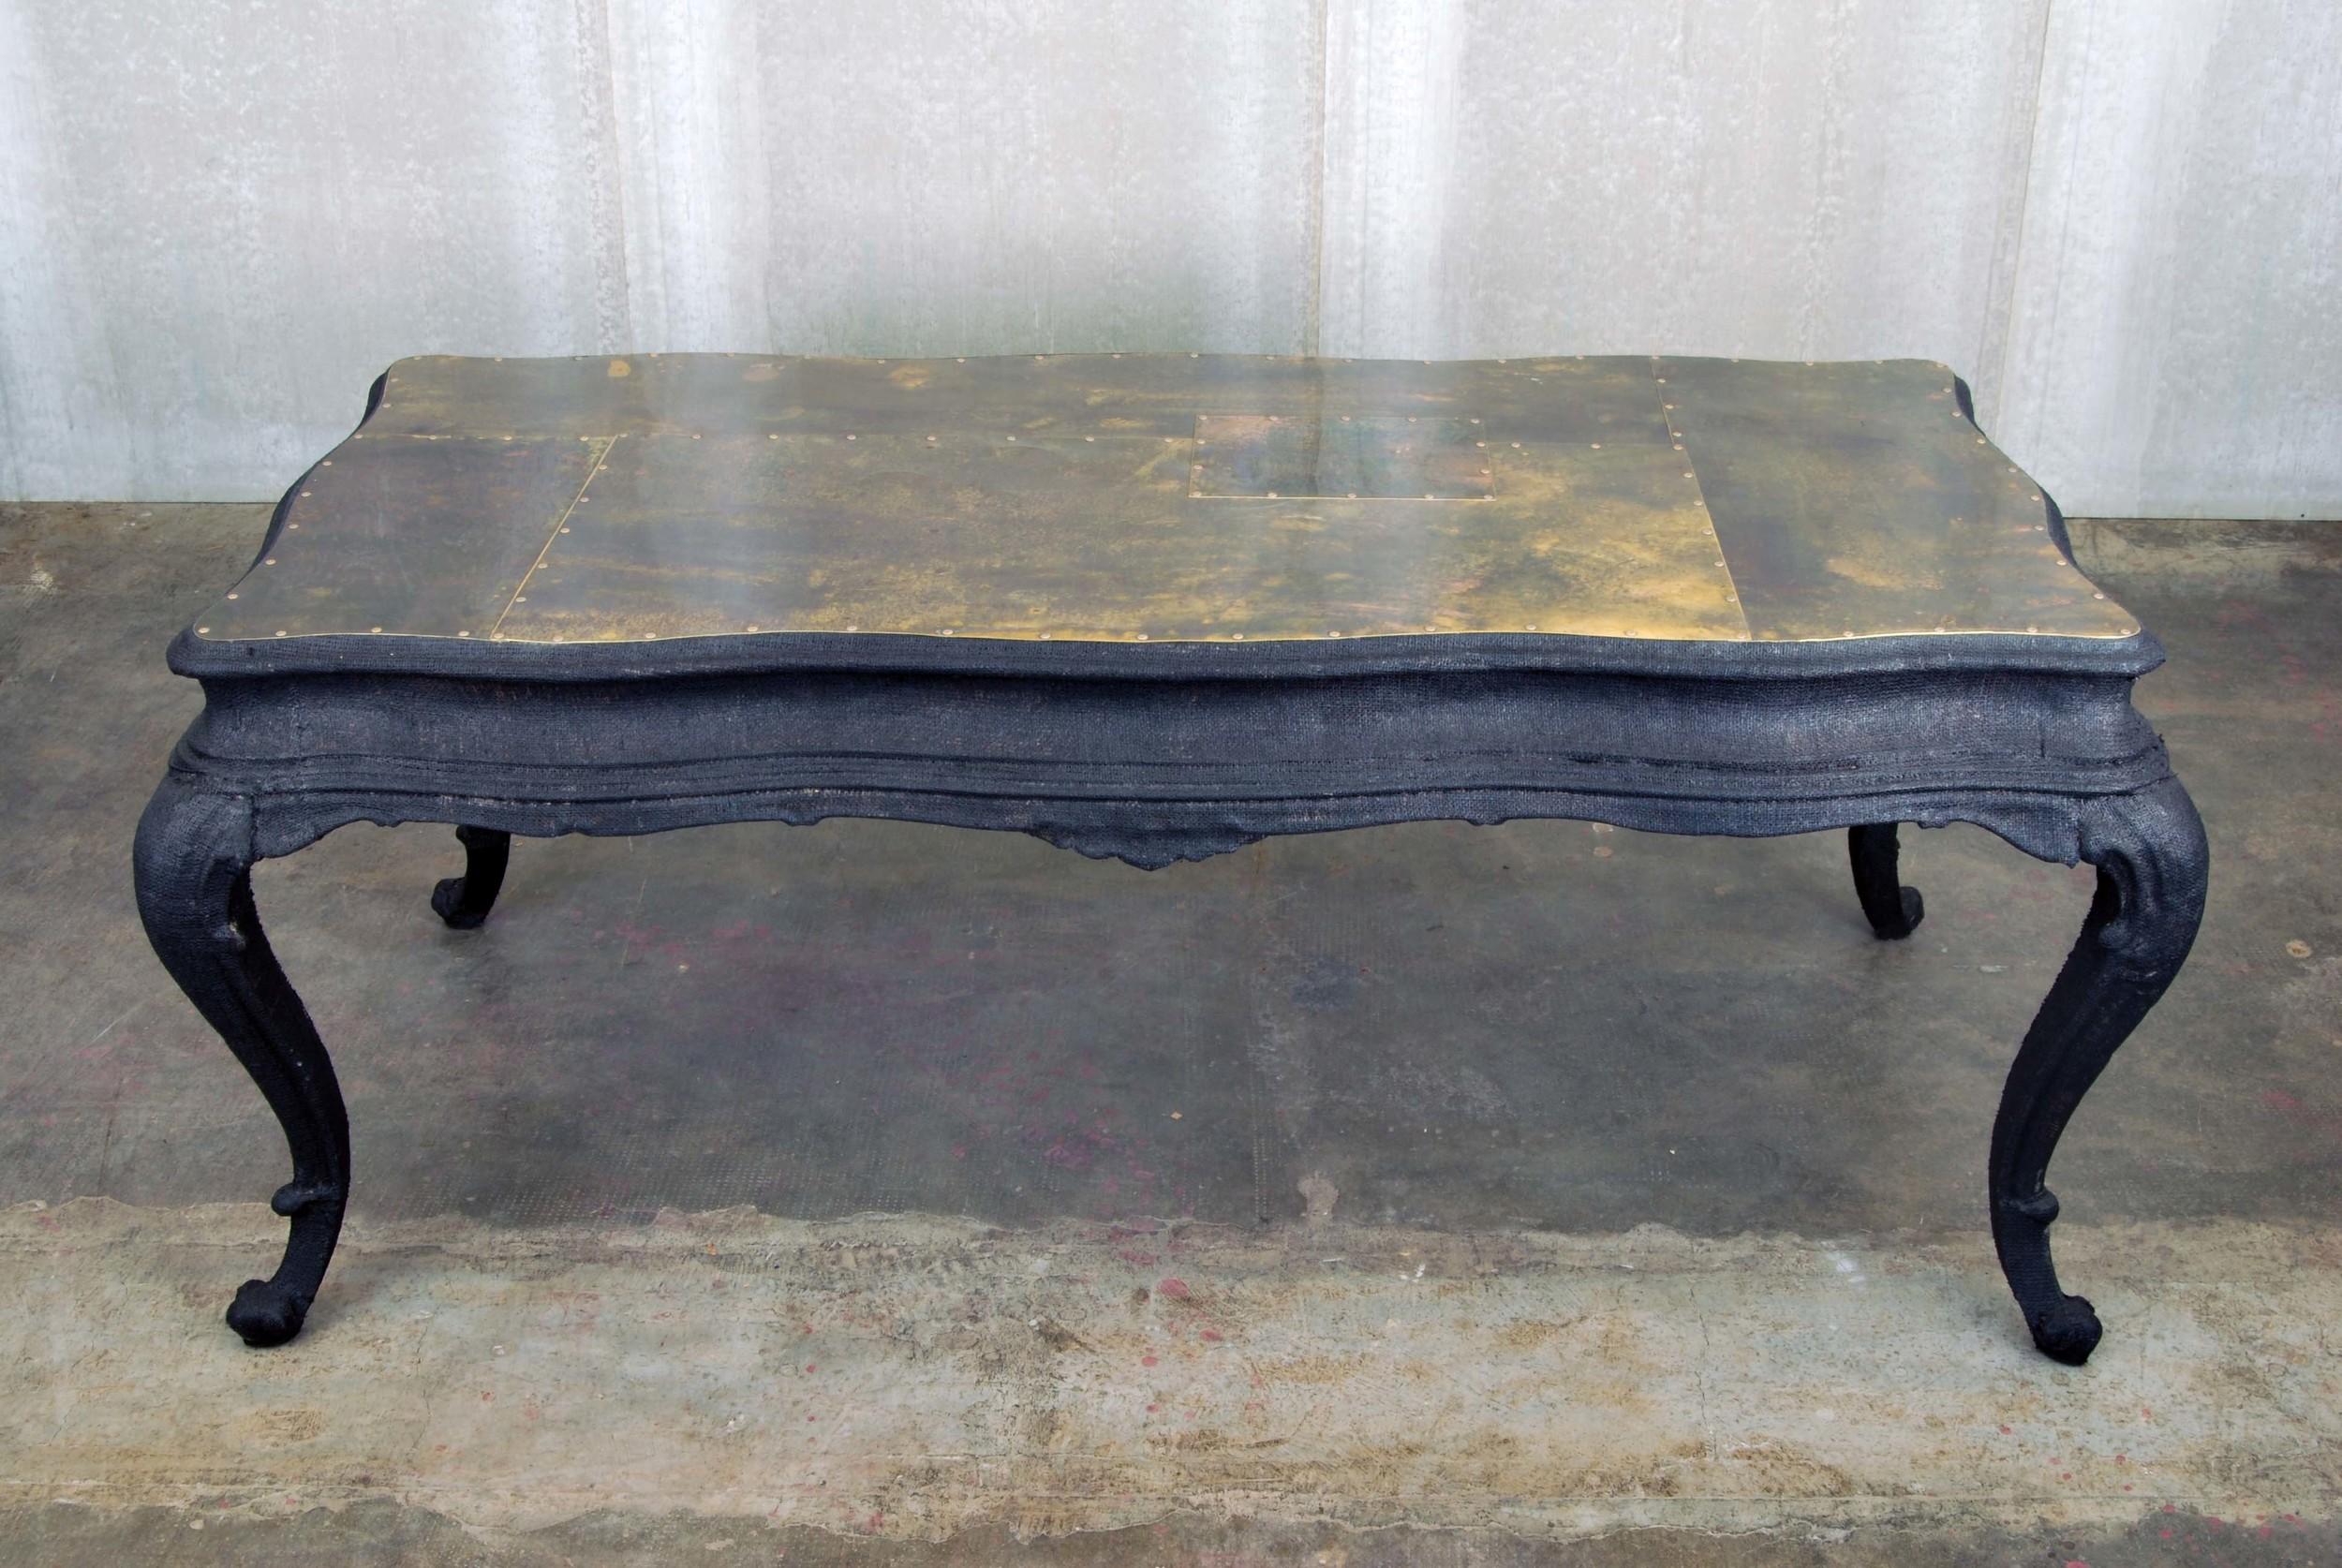 ORVETT for DIESEL - CHIPPENDALE TABLE, black jute and brass